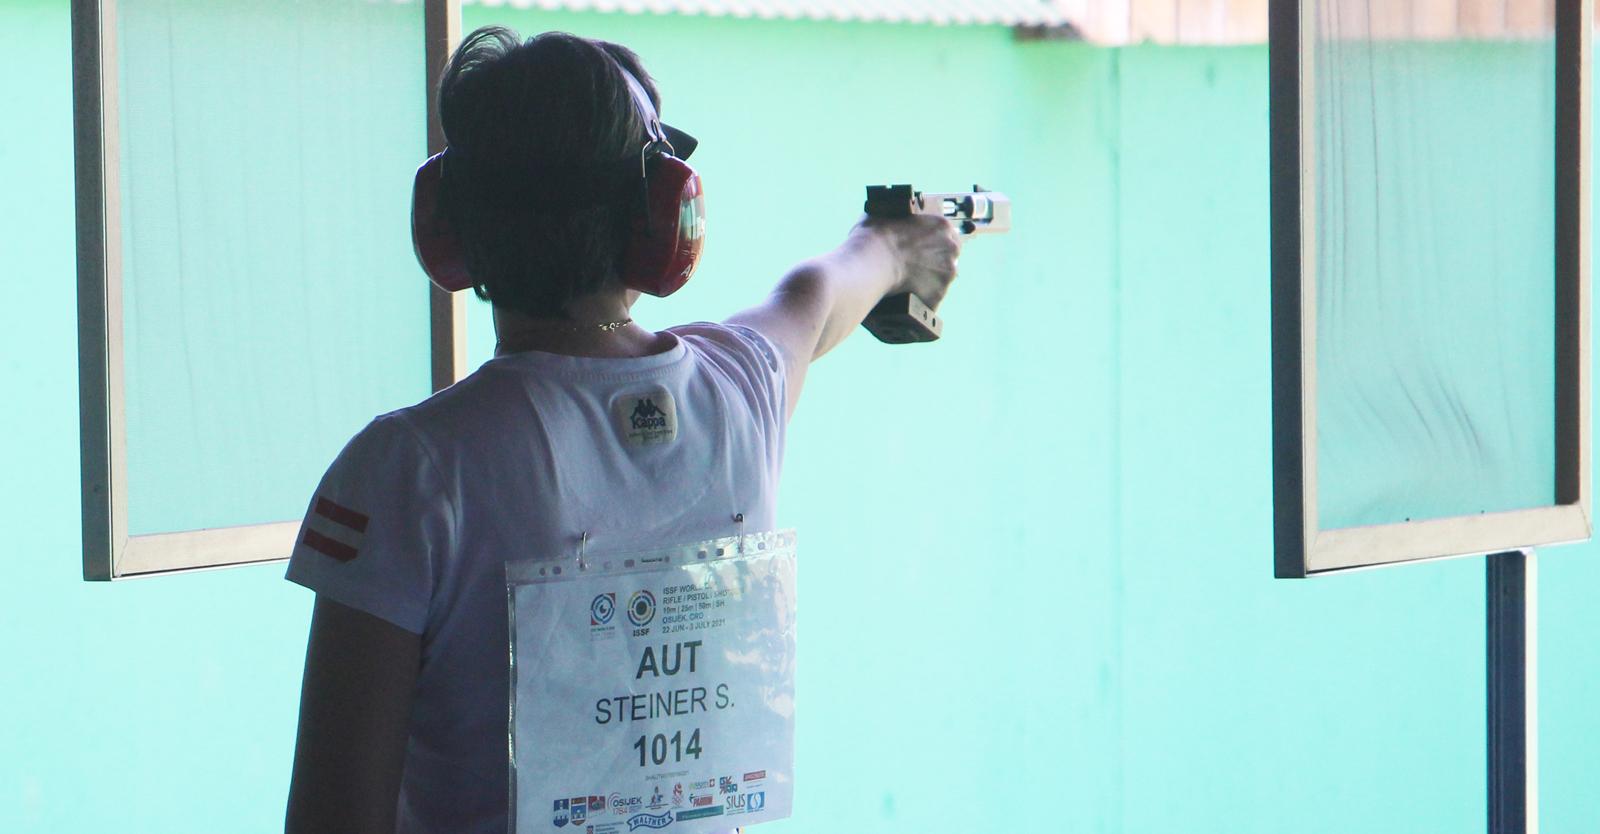 Diesmal wurde es mit der 25m-Pistole keine Finalqualifikation für Steiner © Margit Melmer, ÖSB